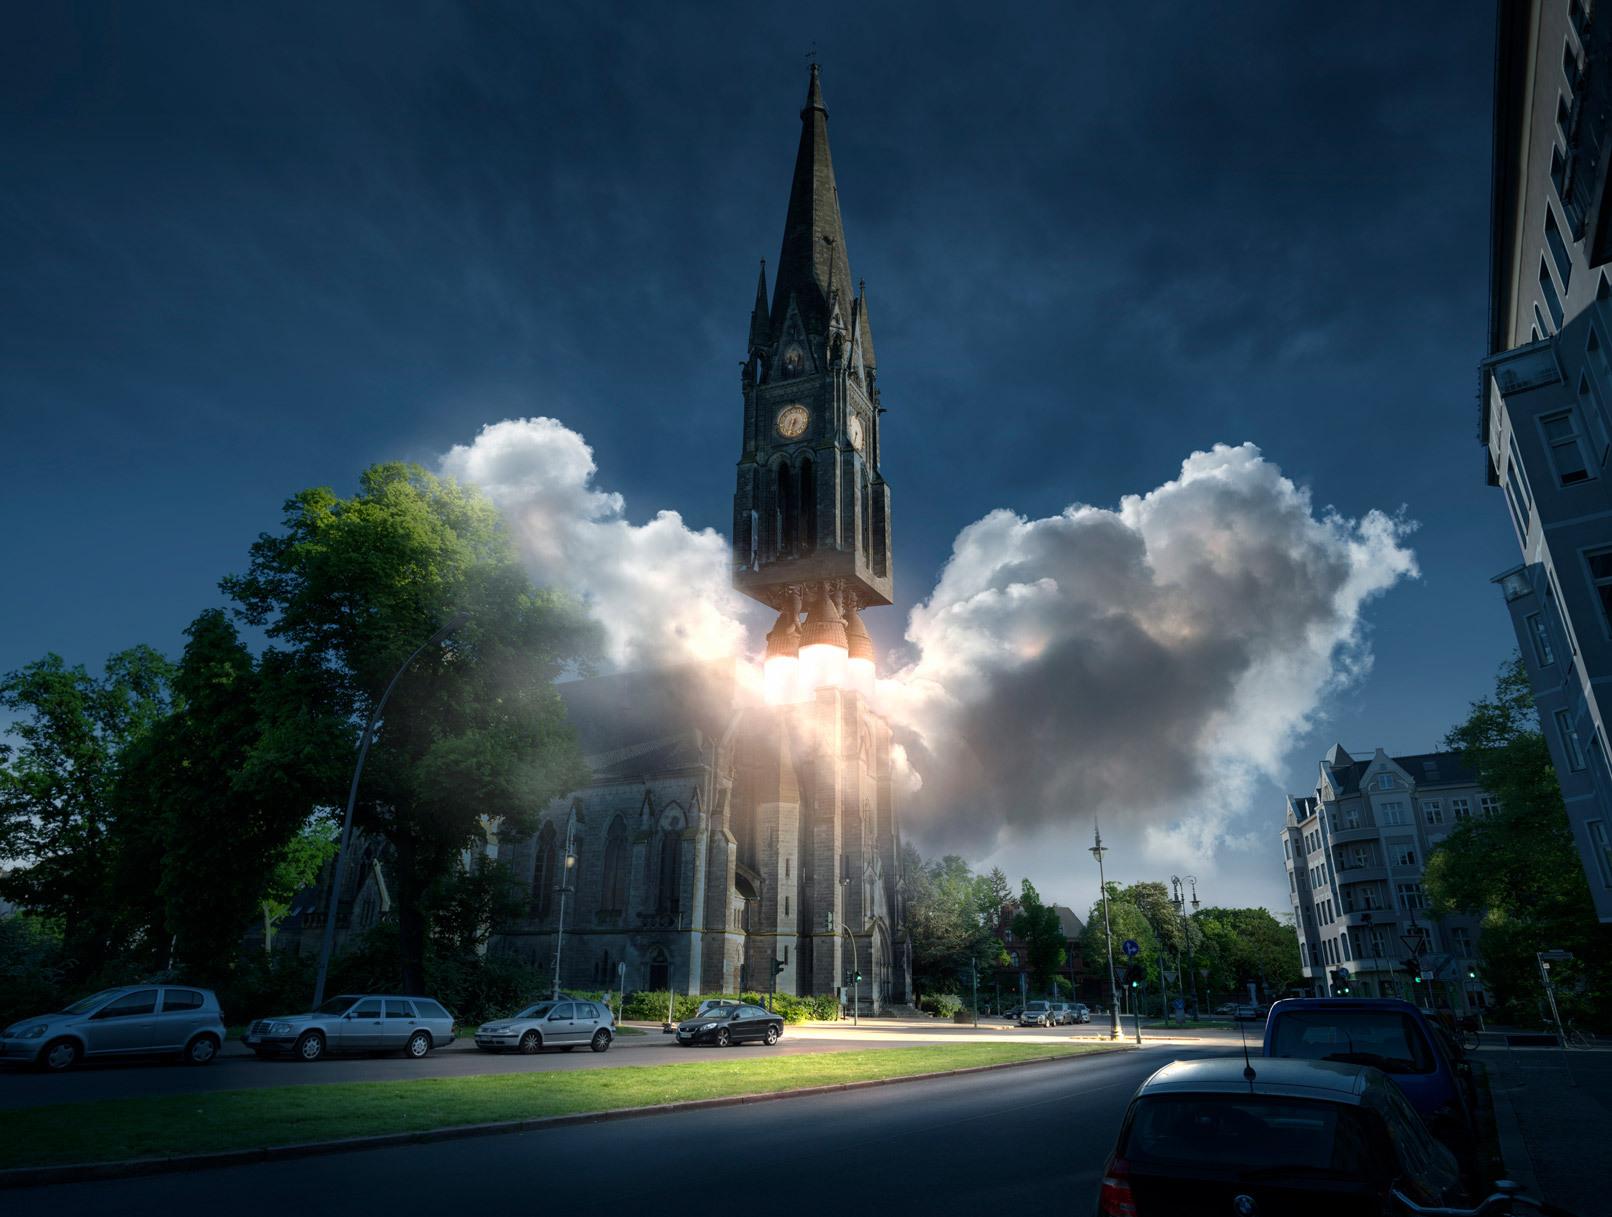 Bildkomposition Take-off, mit 3D-Objekten erstellt in Photoshop. Kirchturm mit Raketenantrieb hebt in den nächtlichen Himmel ab